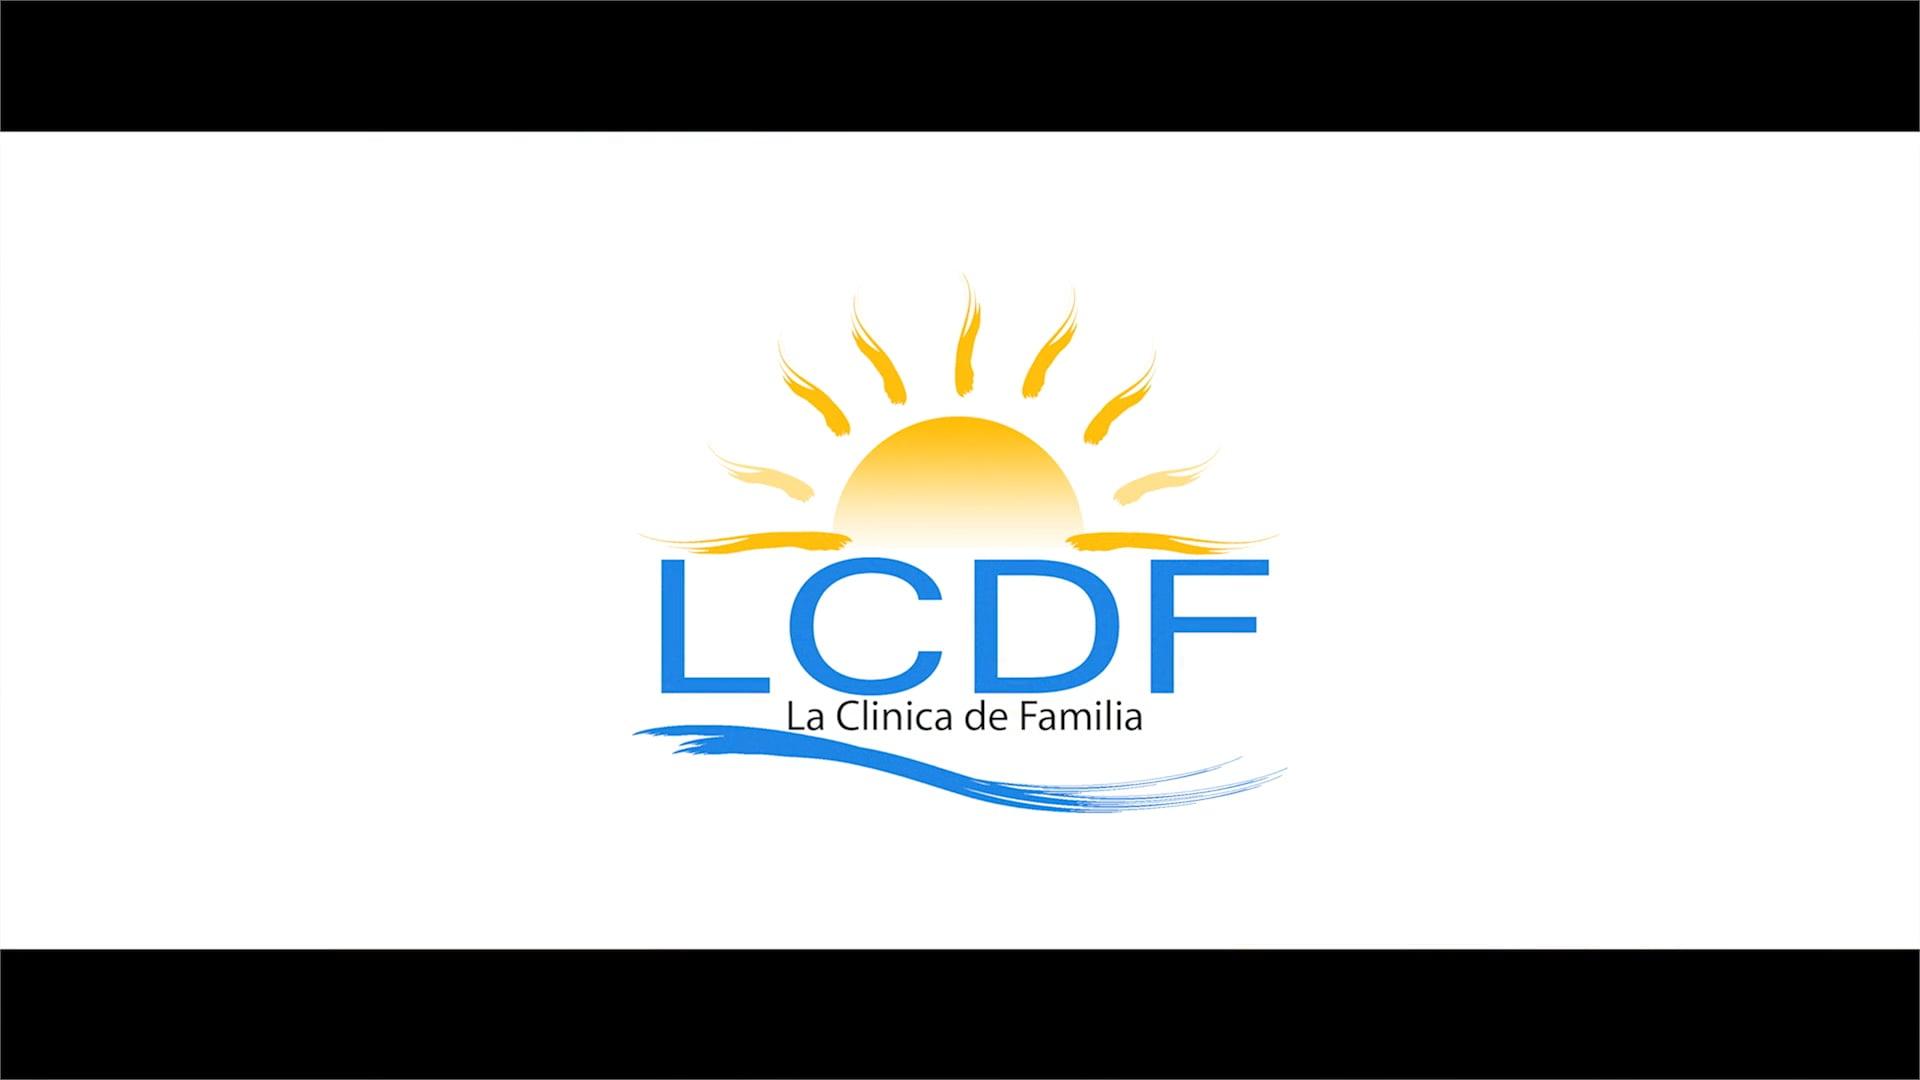 La Clinica de Familia - New Employee Orientation Video - Full Version